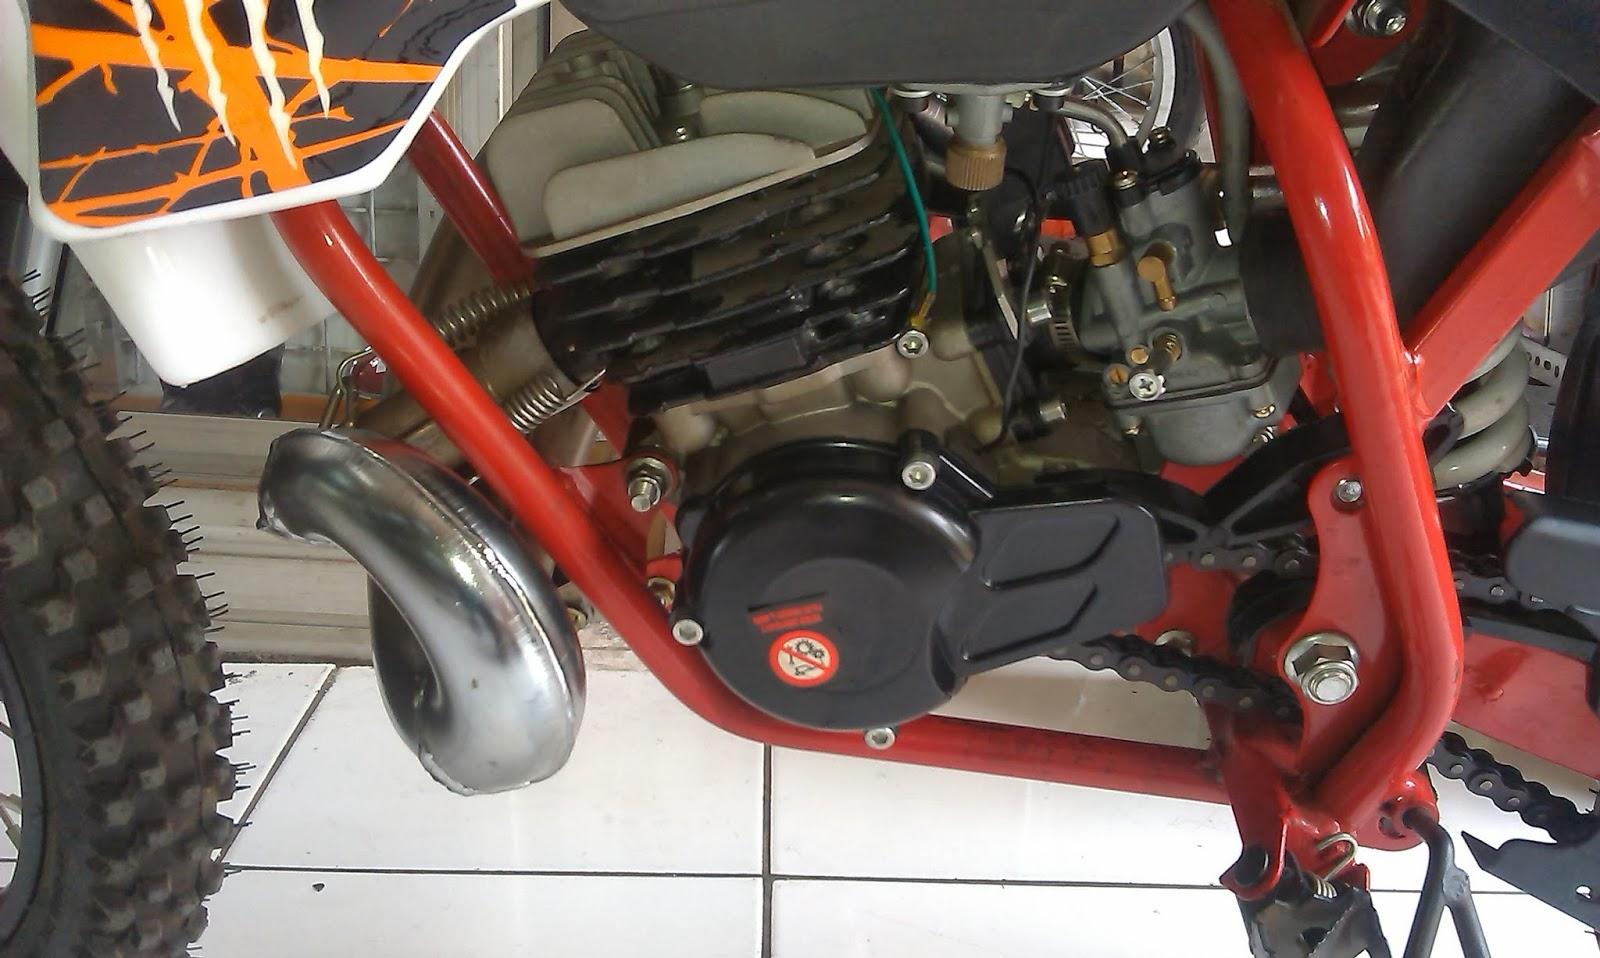 Baja 250 Repair manual Free